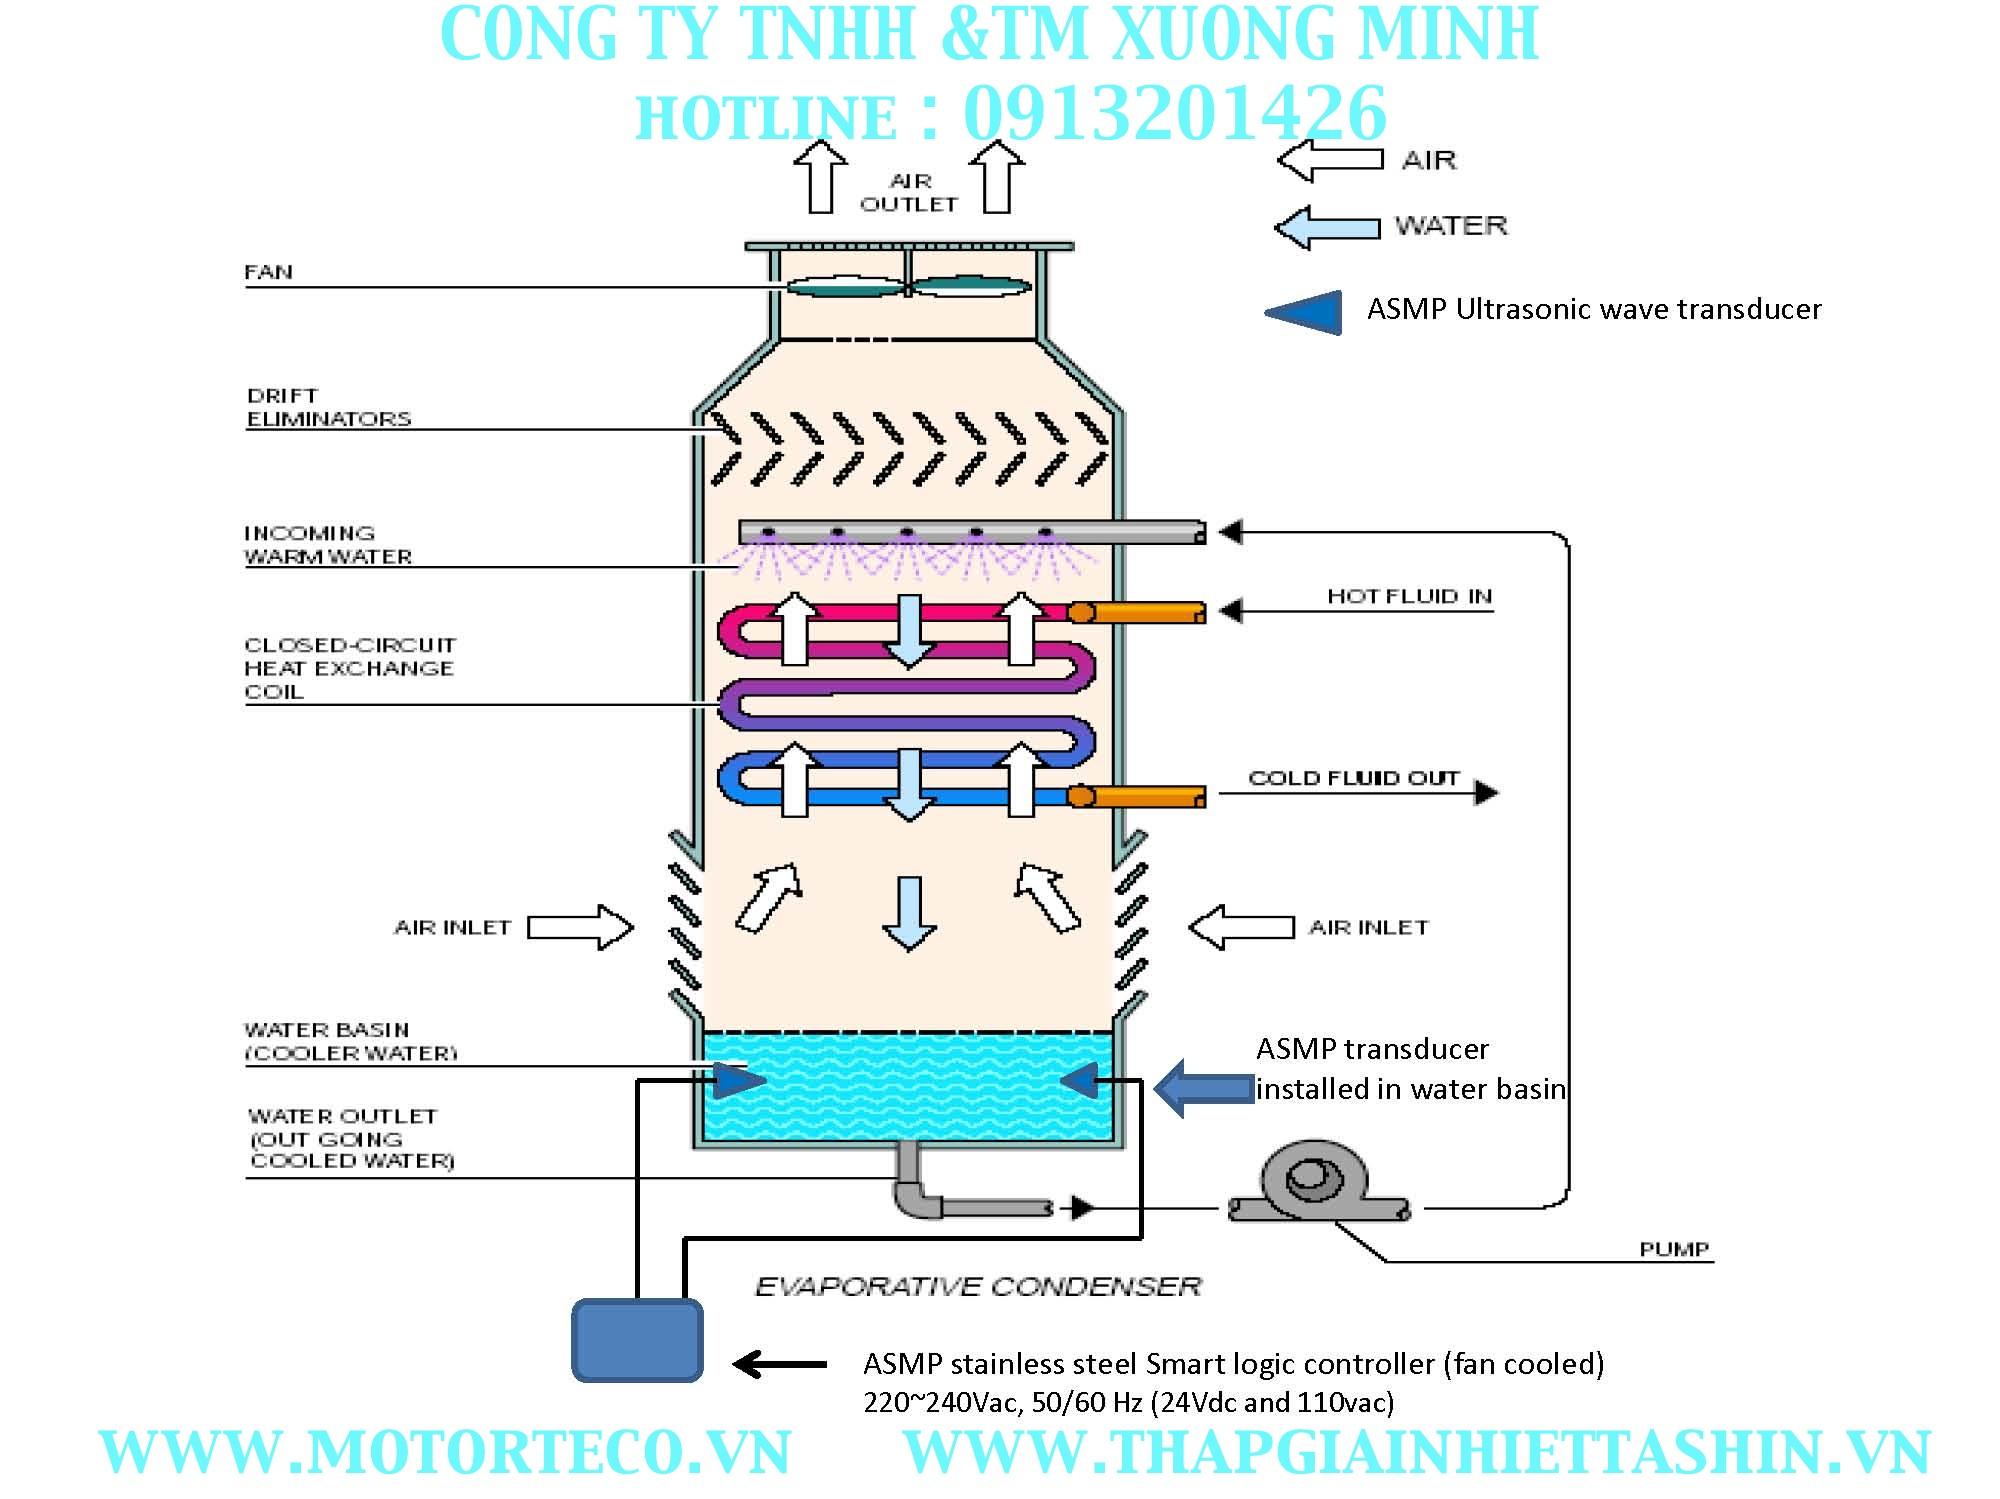 Tháp giải nhiệt, cơ cấu tháp giải nhiệt dầu, làm mát dầu,